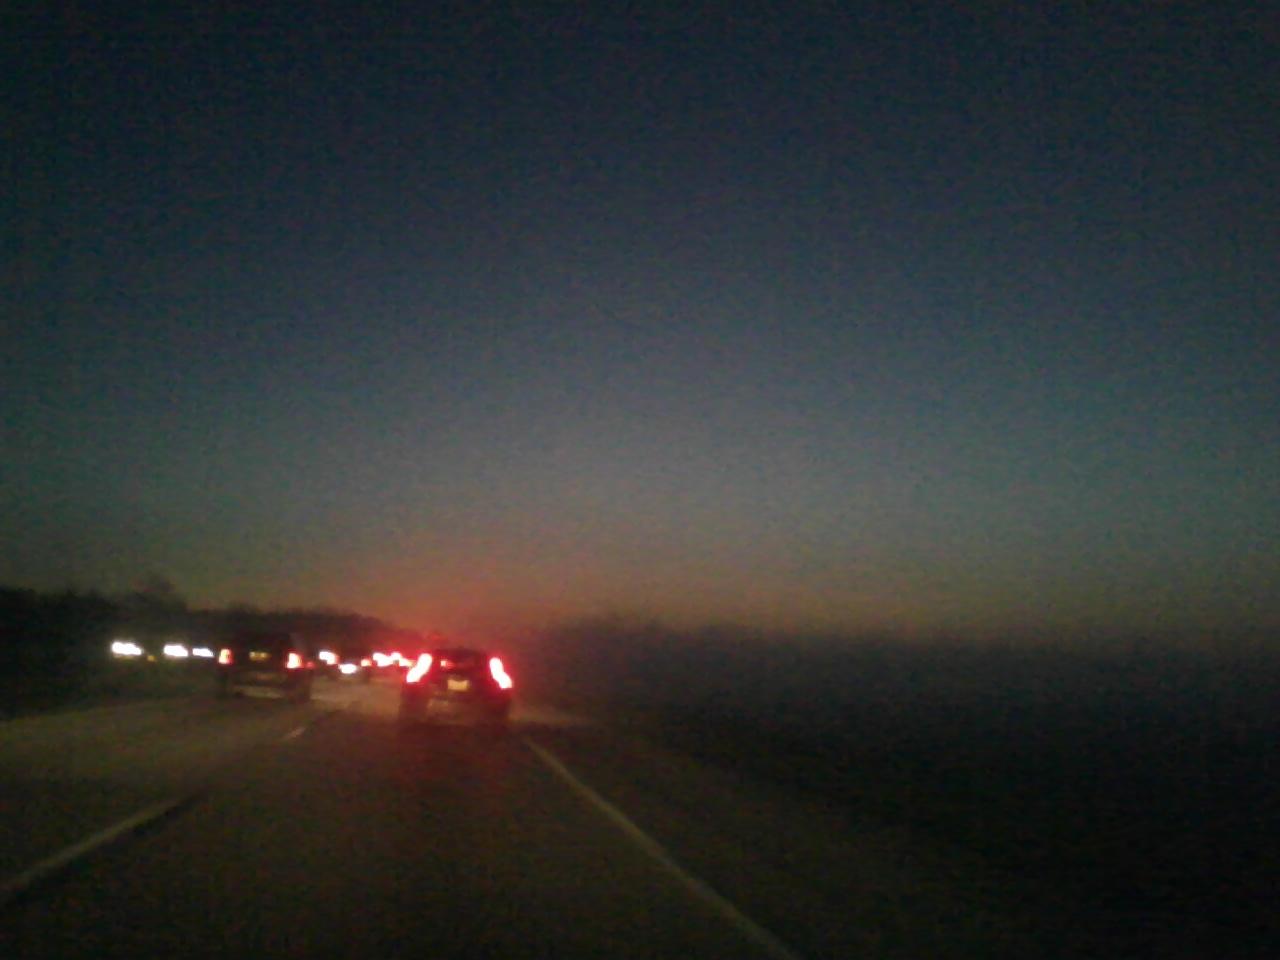 Sky - 0324065150.jpg